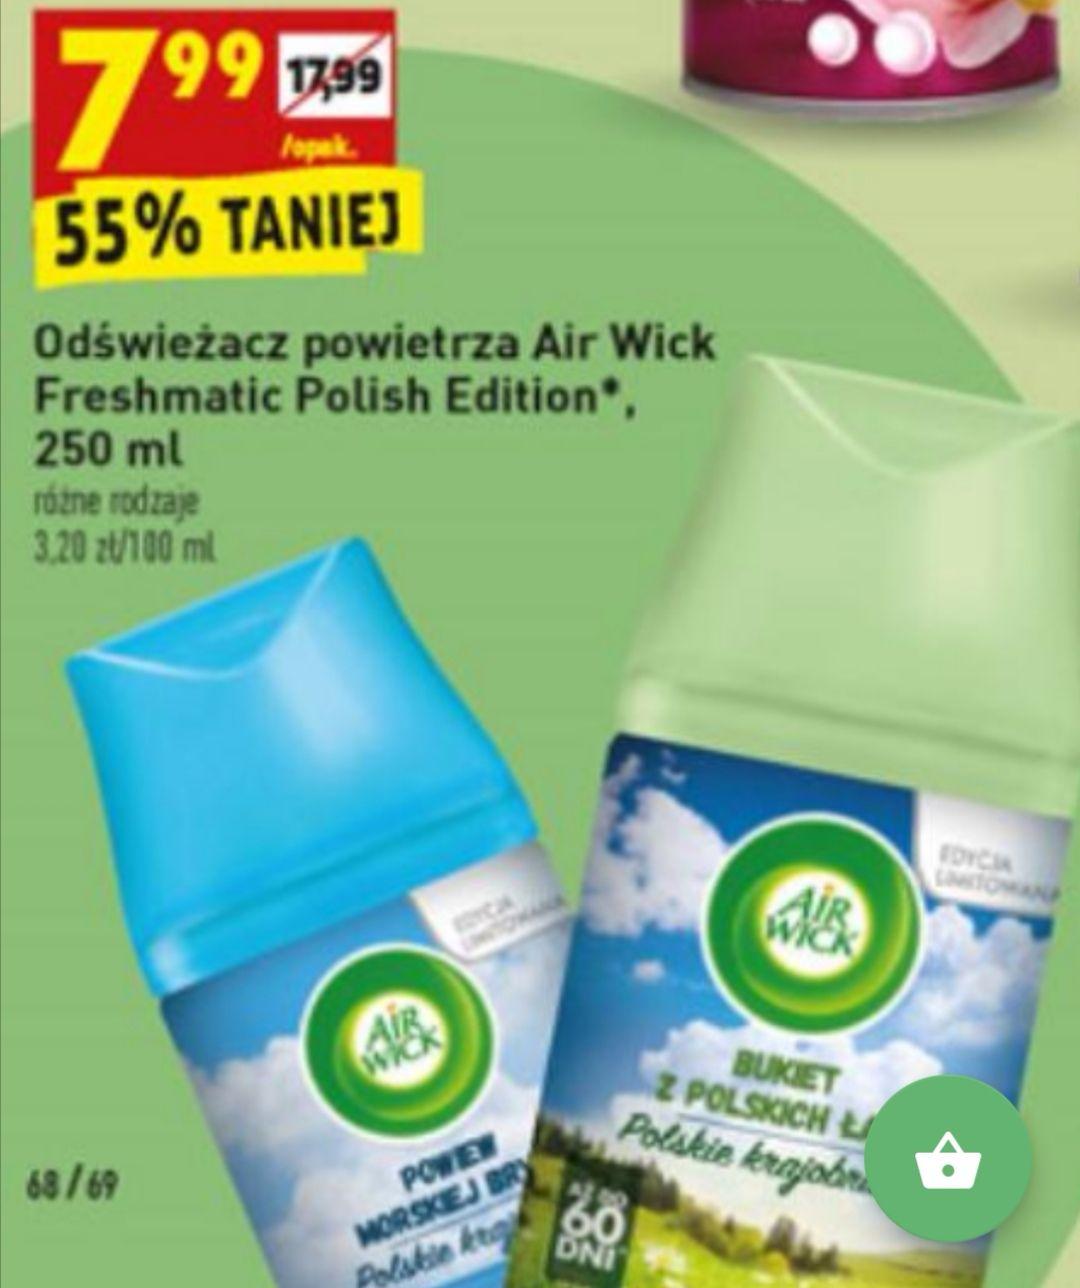 Odświeżacz powietrza Air Wick Freshmatic Polish Edition [Biedronka]